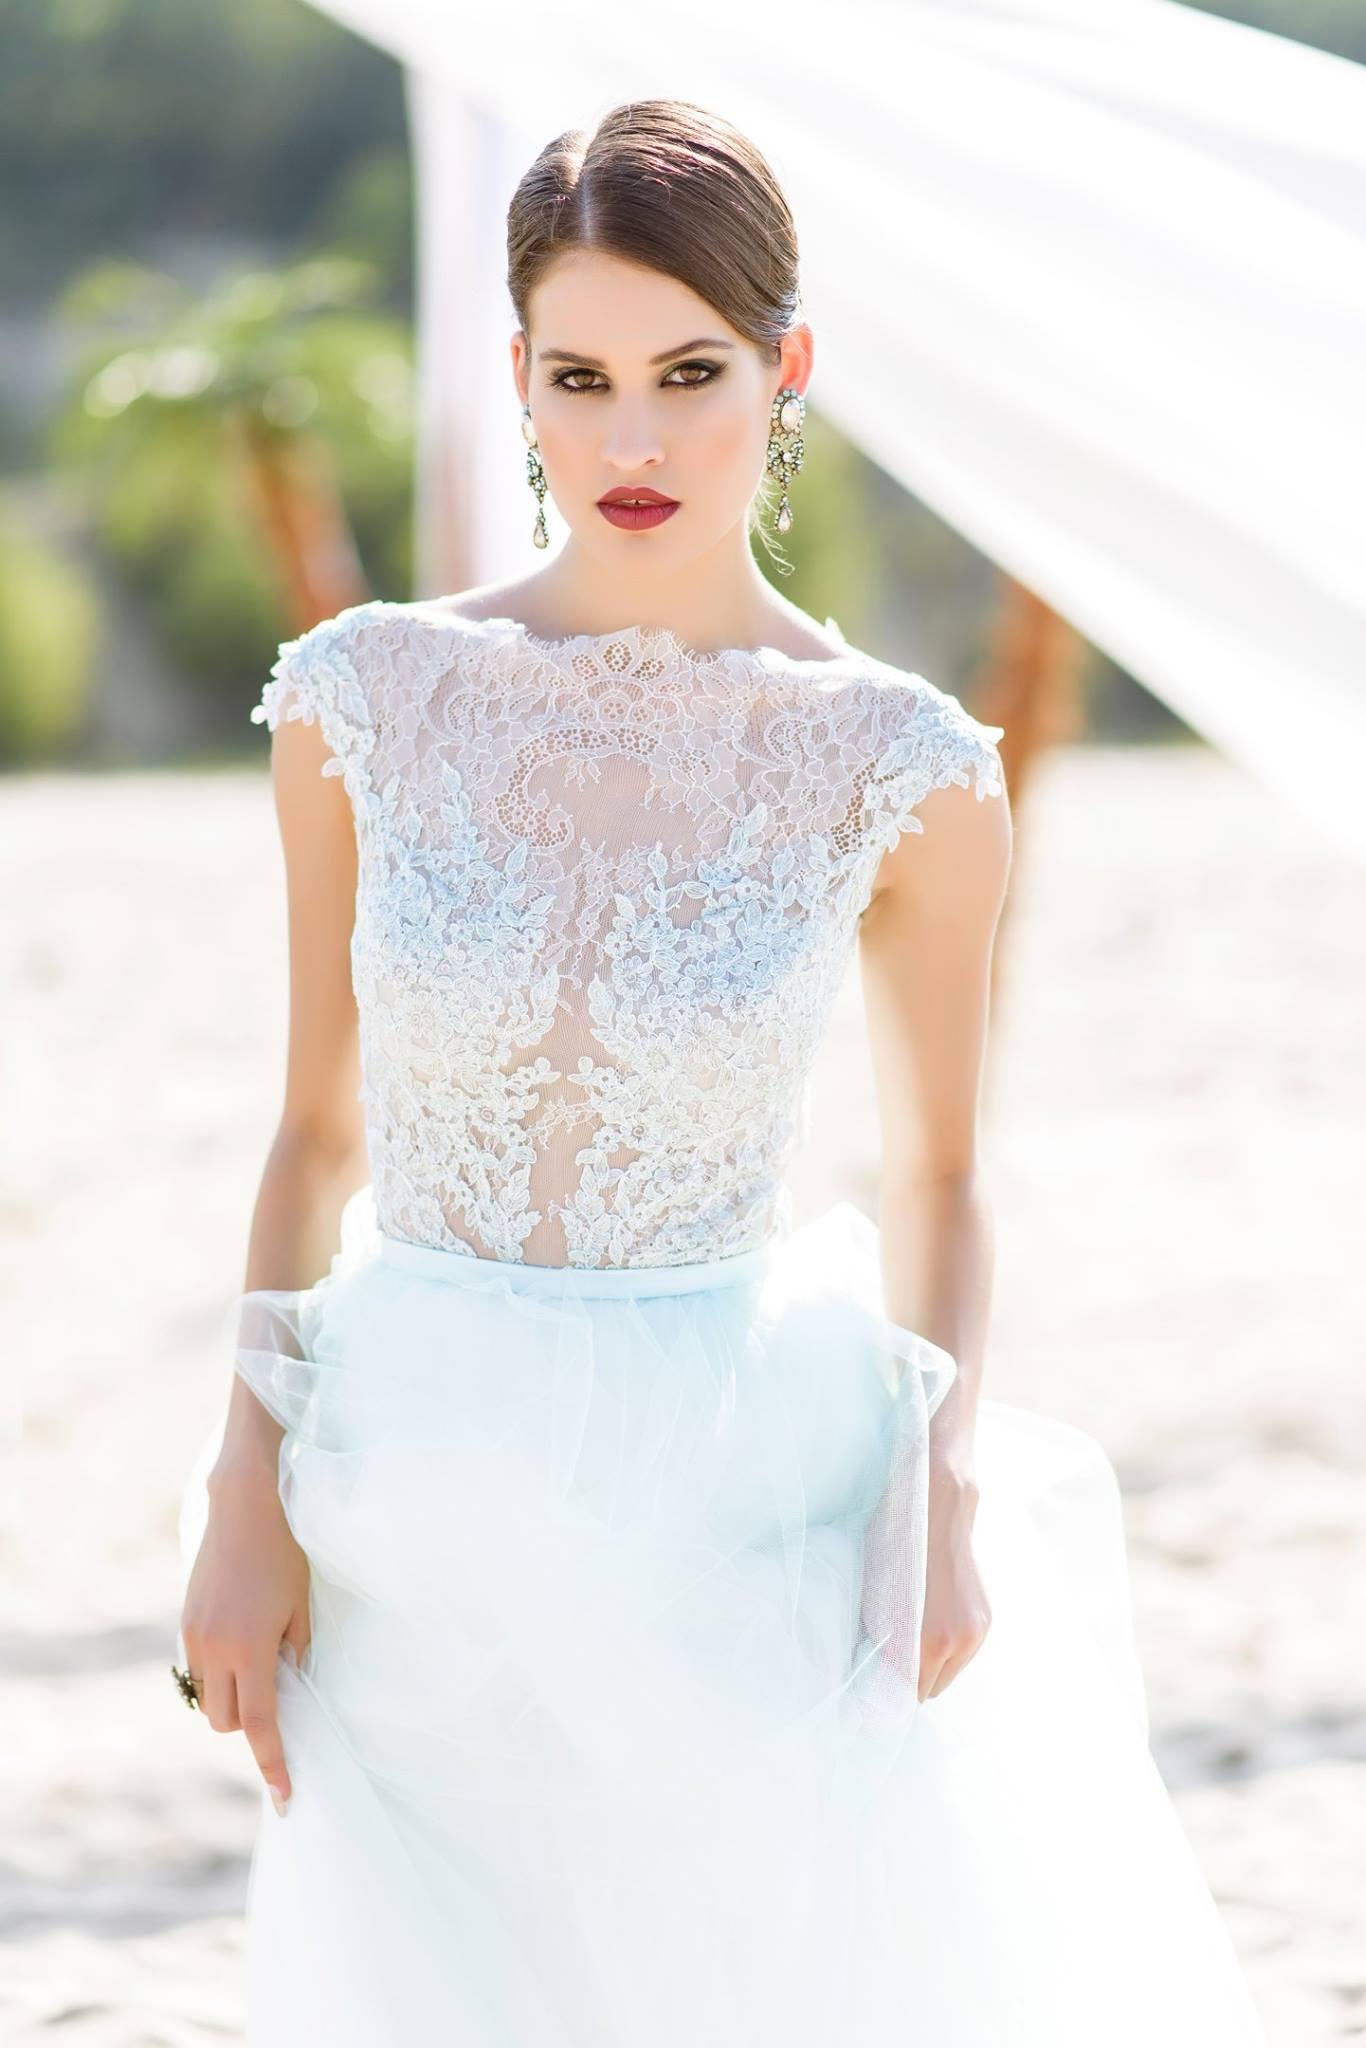 Nagy Ágota - Oázis menyasszonyi ruha elölről